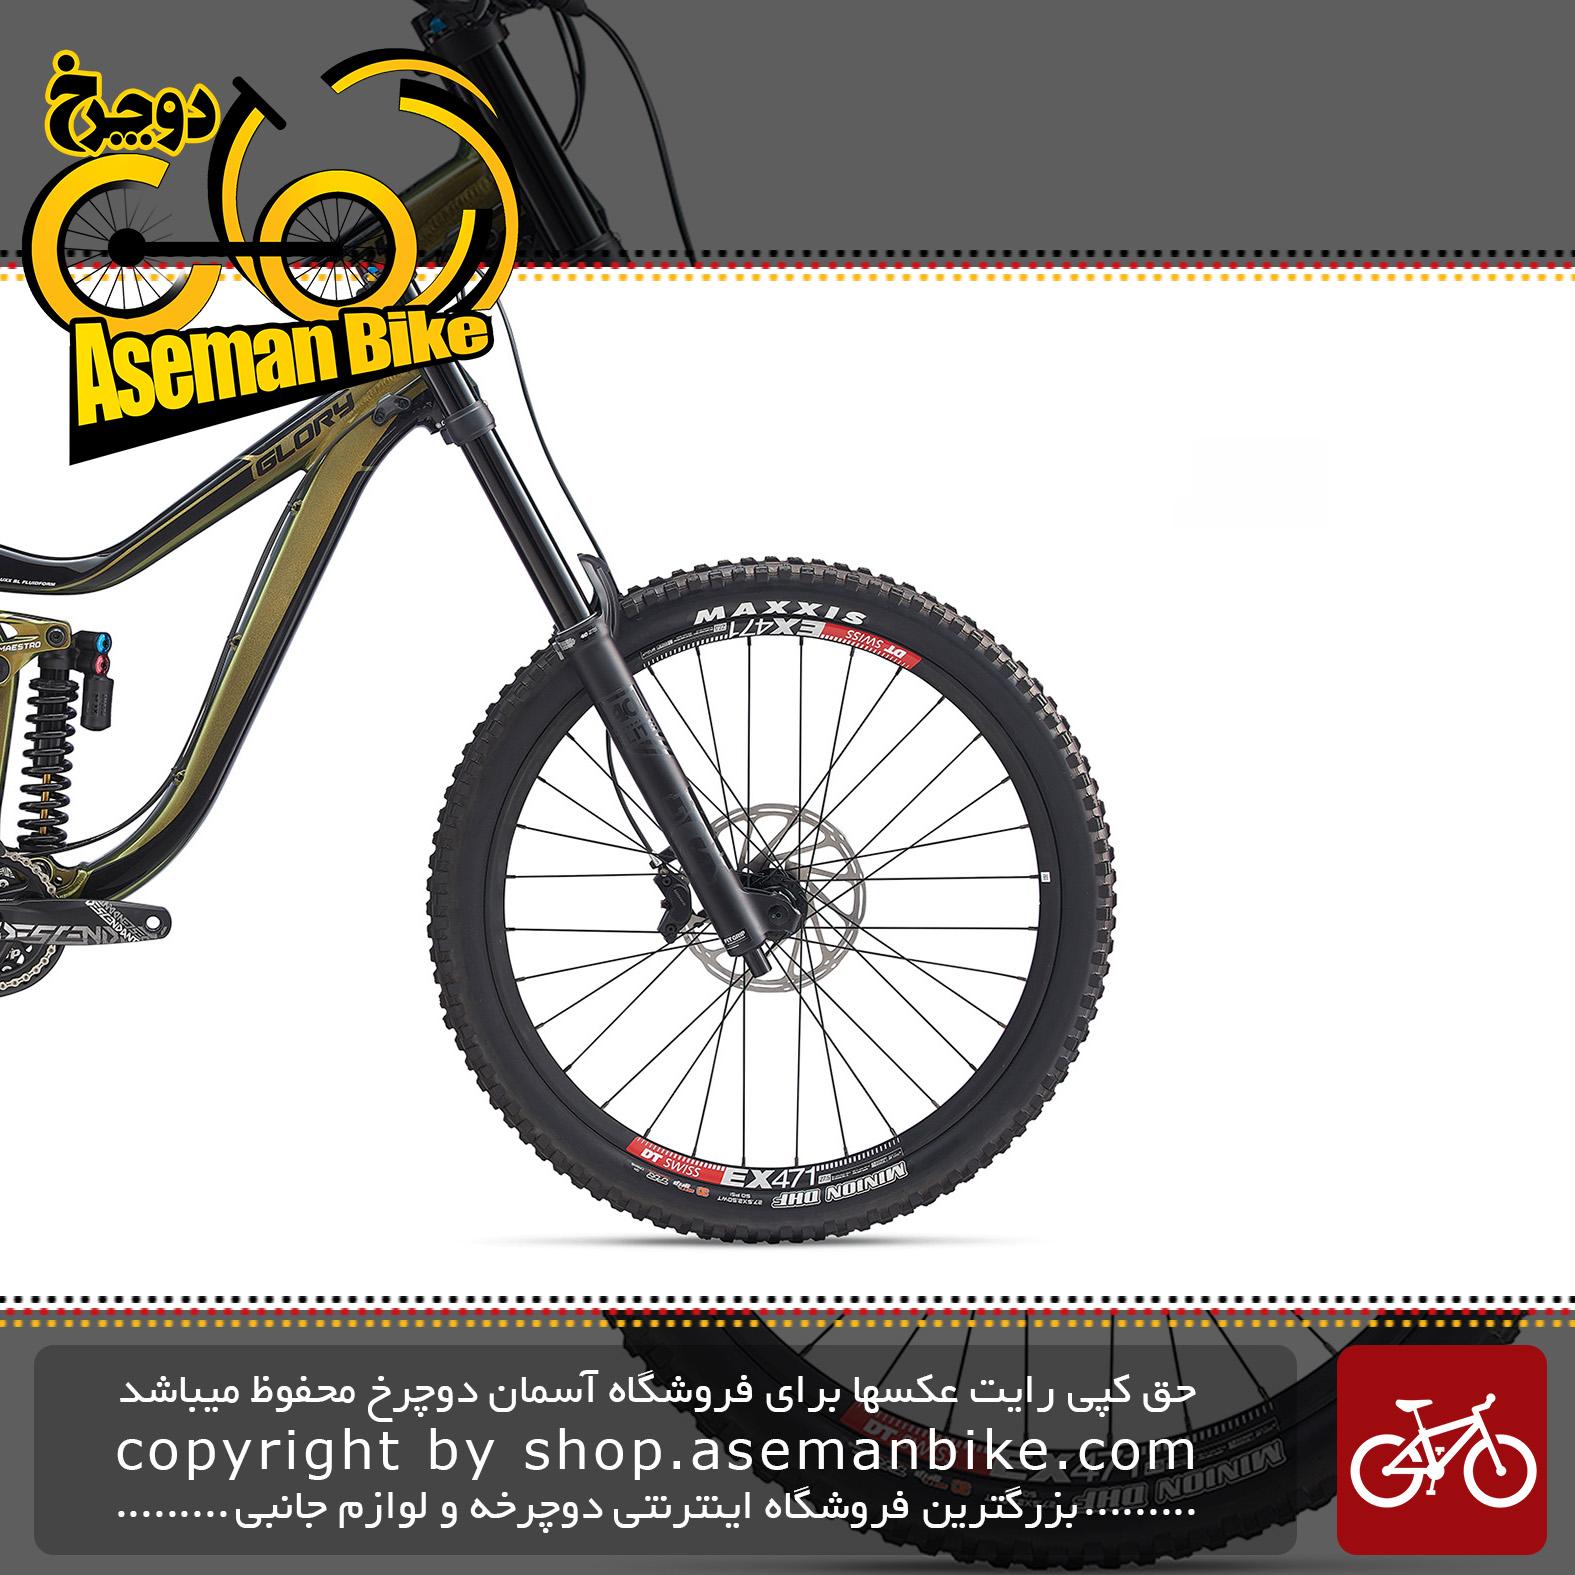 دوچرخه کوهستان جاینت مدل گلوری 1 2020 Giant Mountain Bicycle Glory 1 2020